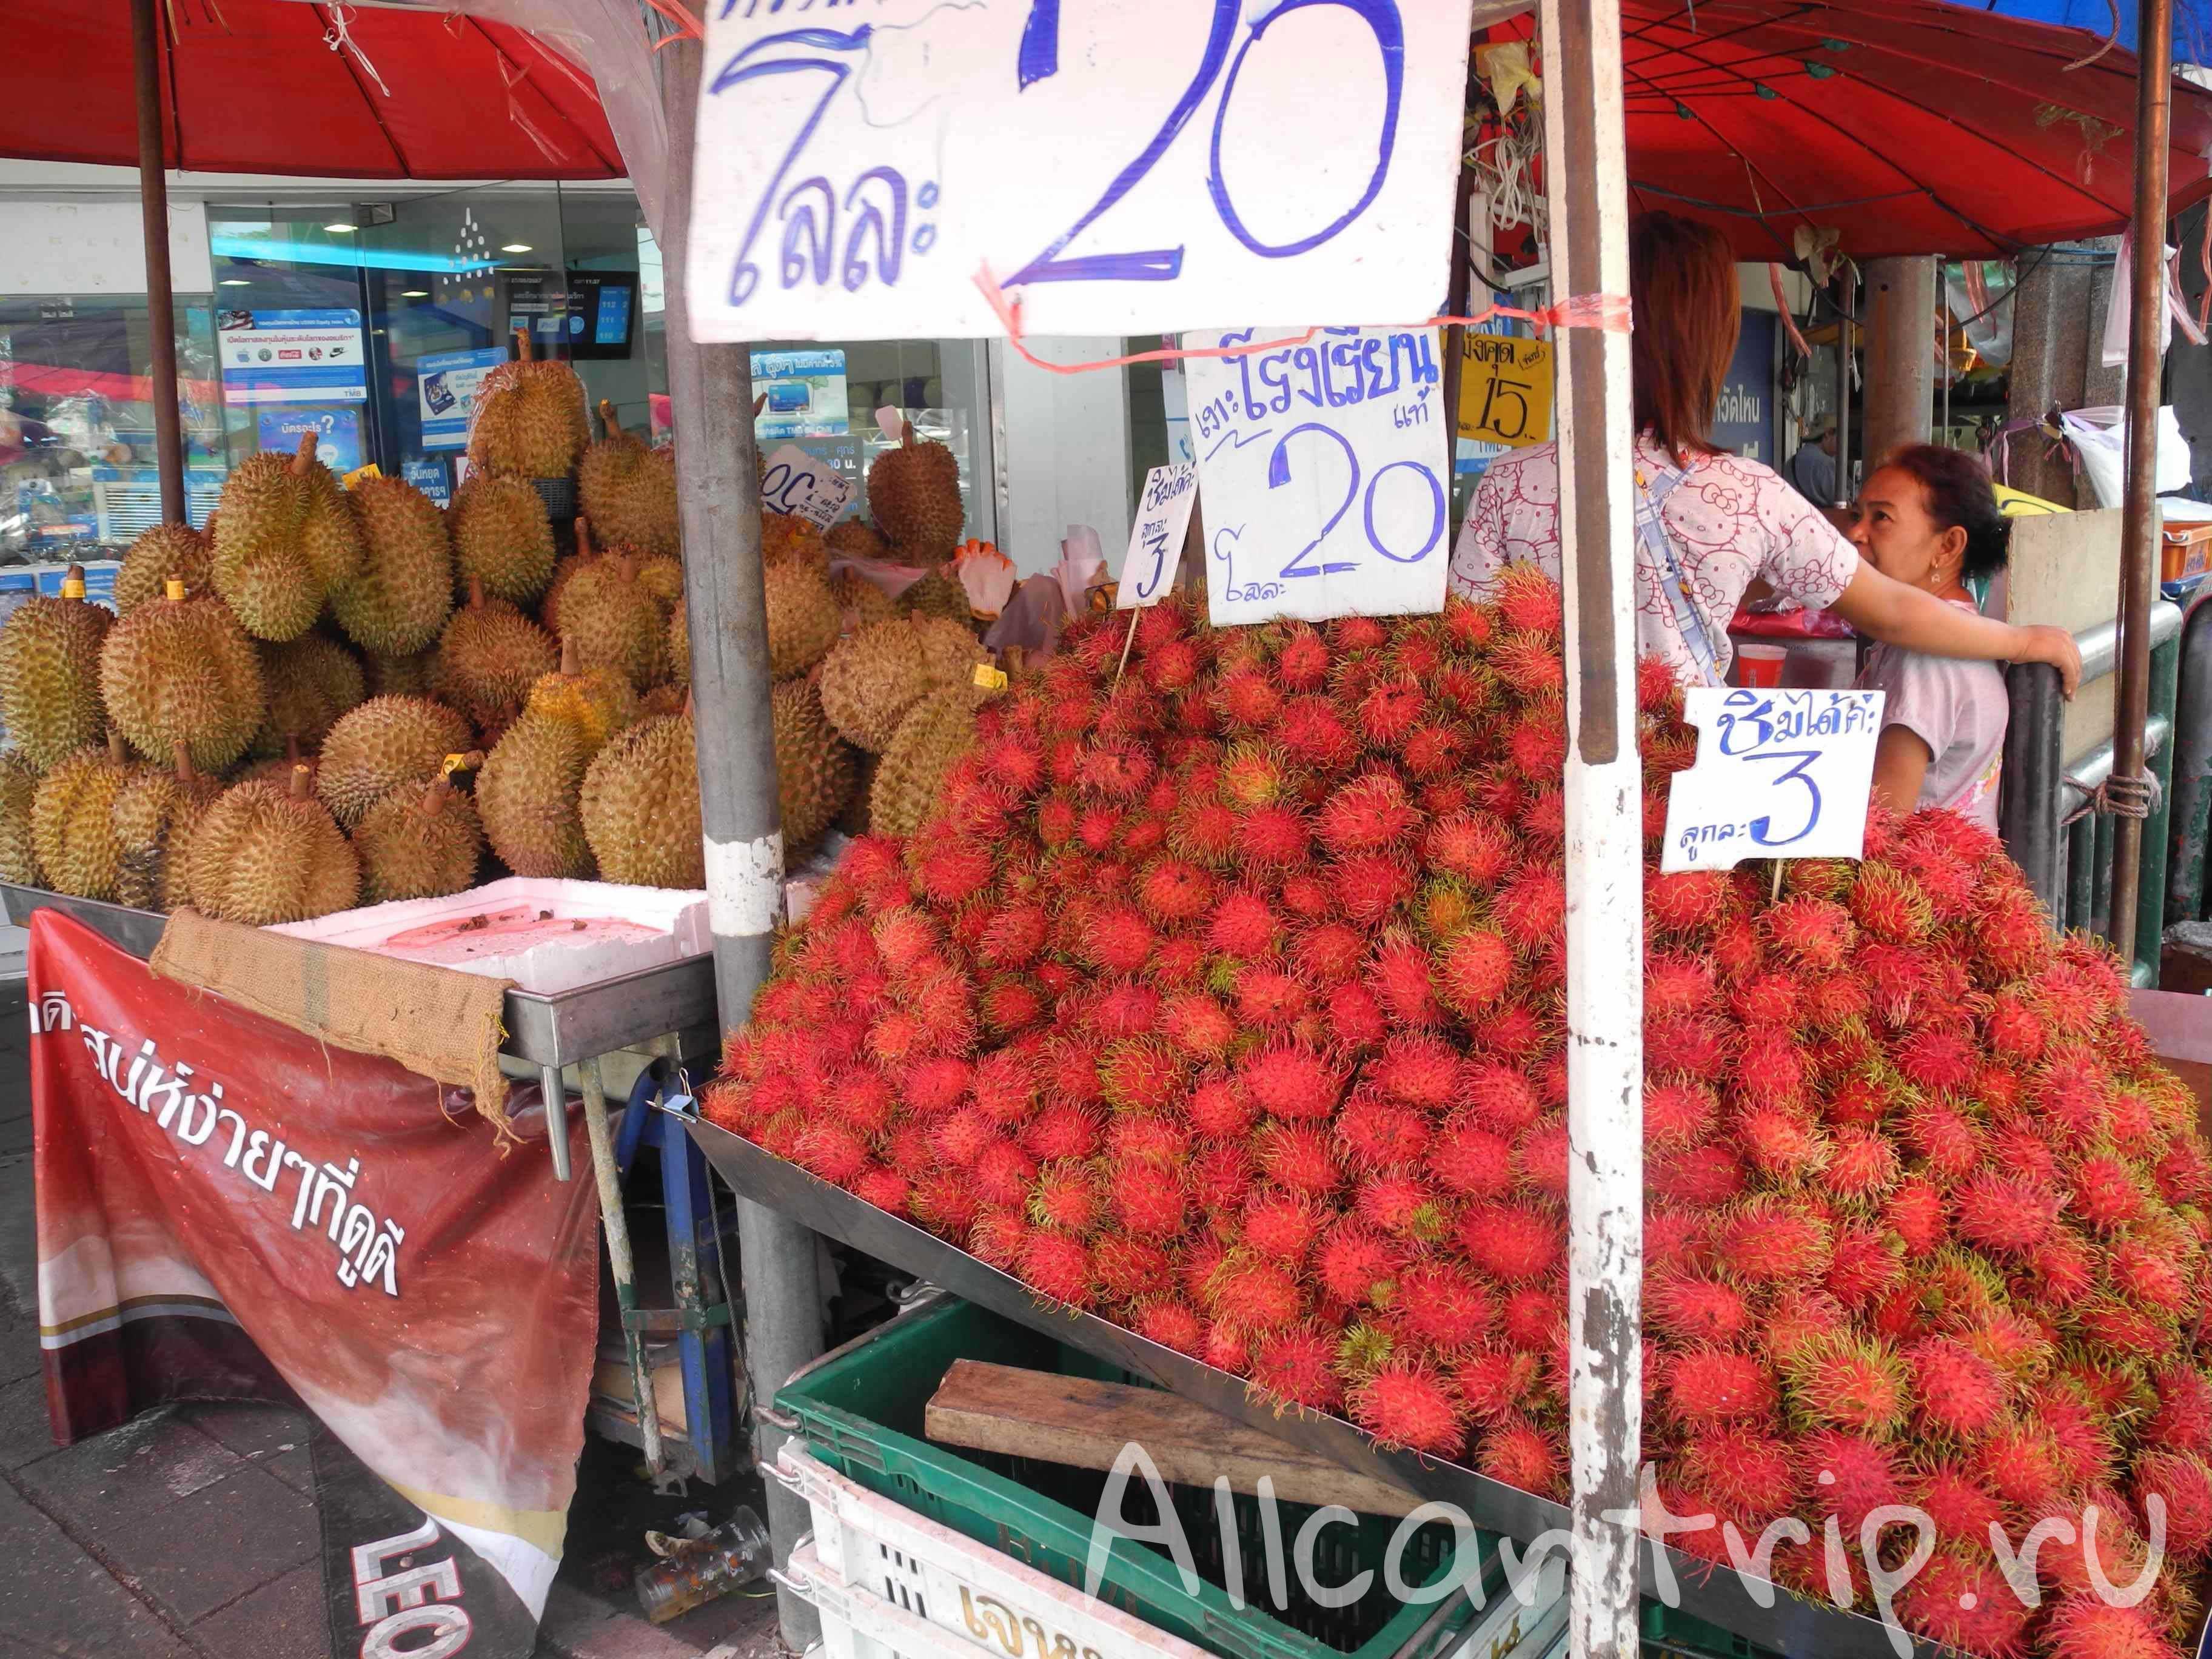 Фруктовый рынок на Самсен Роад (Samsen road) рамбутаны